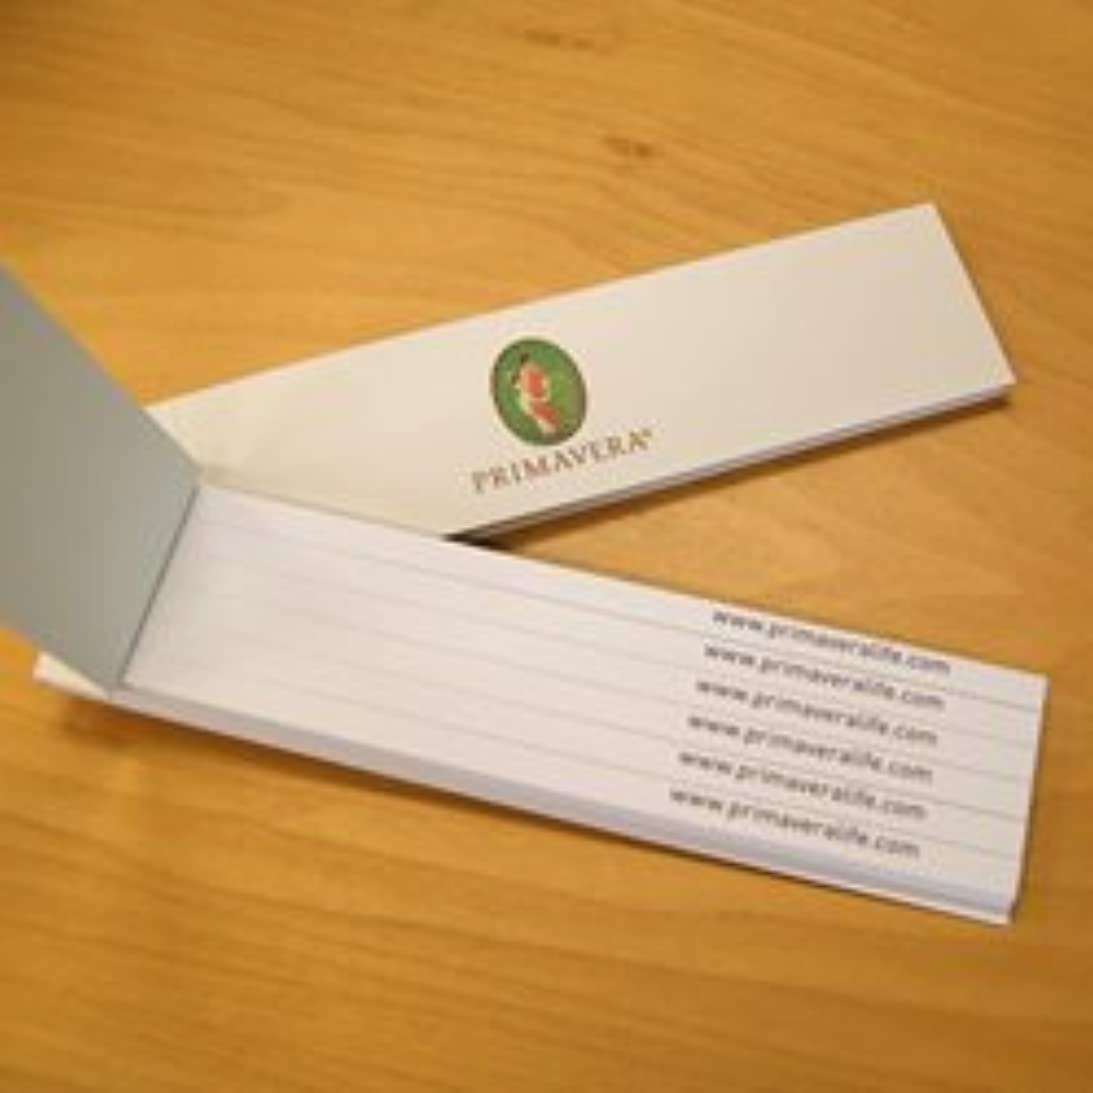 ジョセフバンクス軽食提供されたムイエット(ムエット)紙60片プリマヴェーラ(プリマベラ)「天の香り」